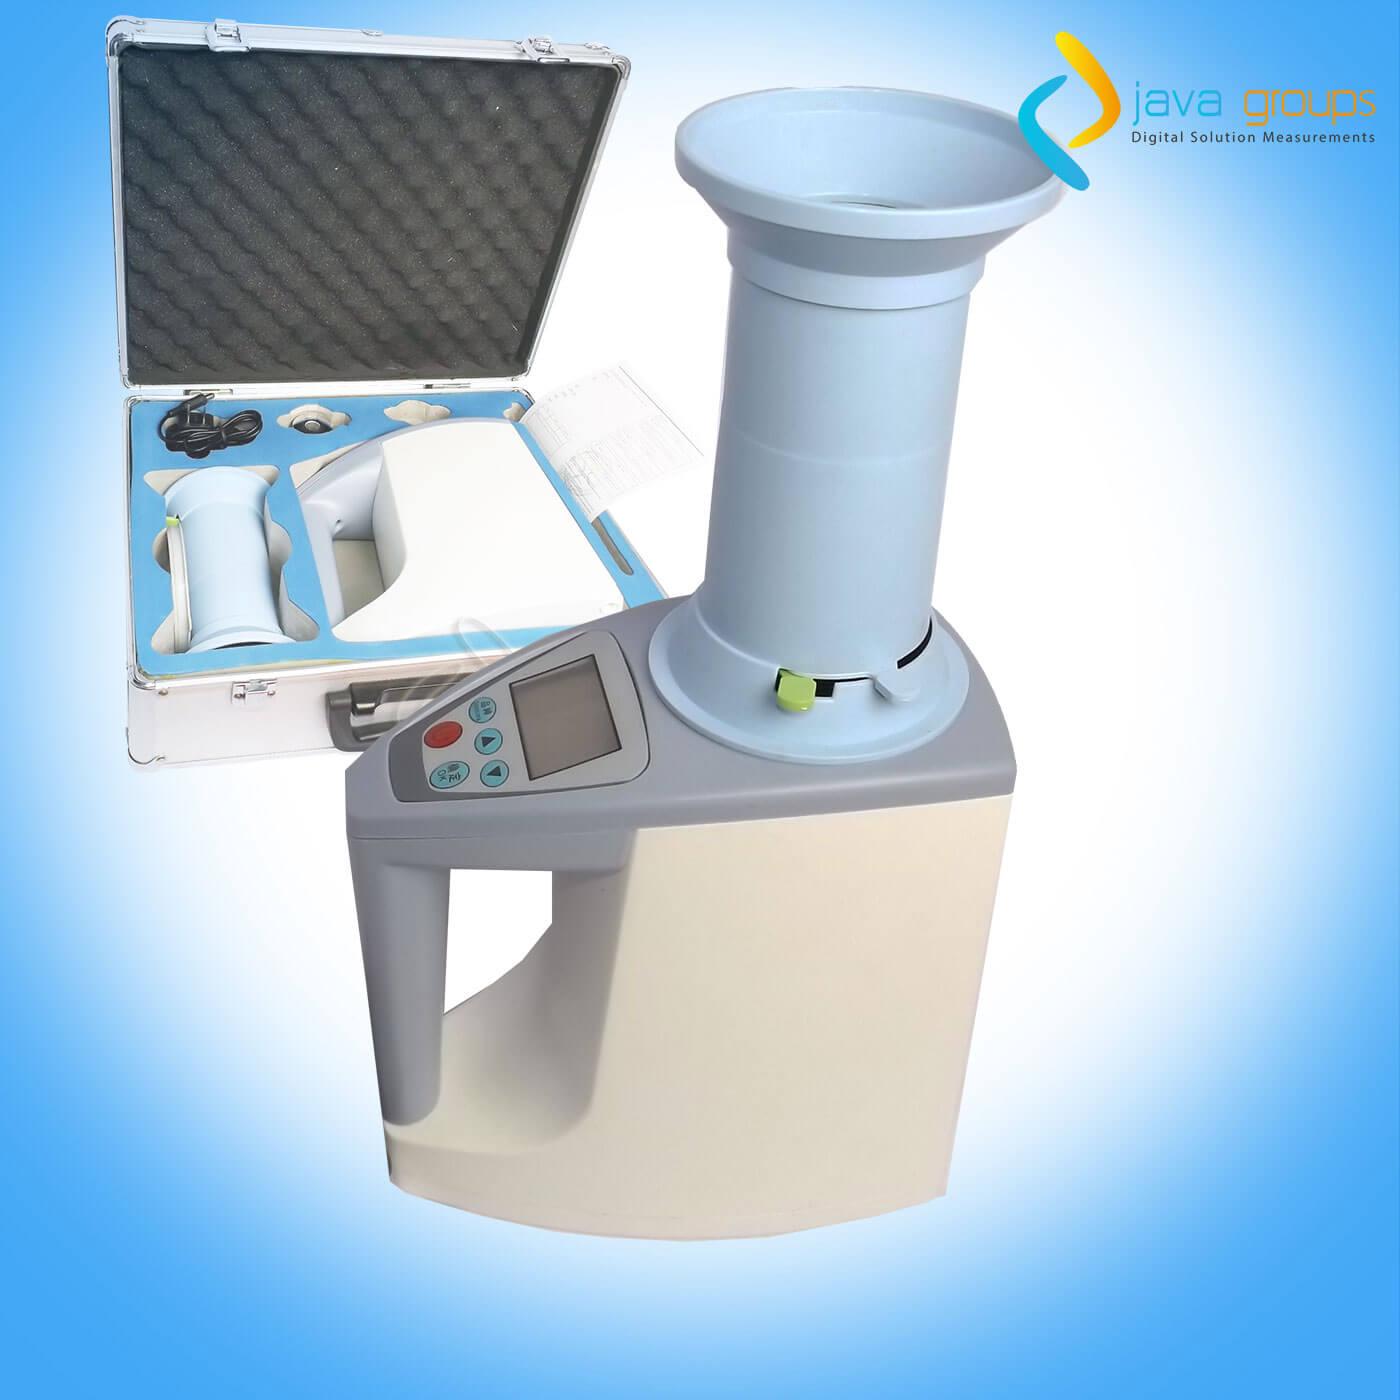 Alat Tester Kalibrasi Kadar Air Bijian Jv-002S